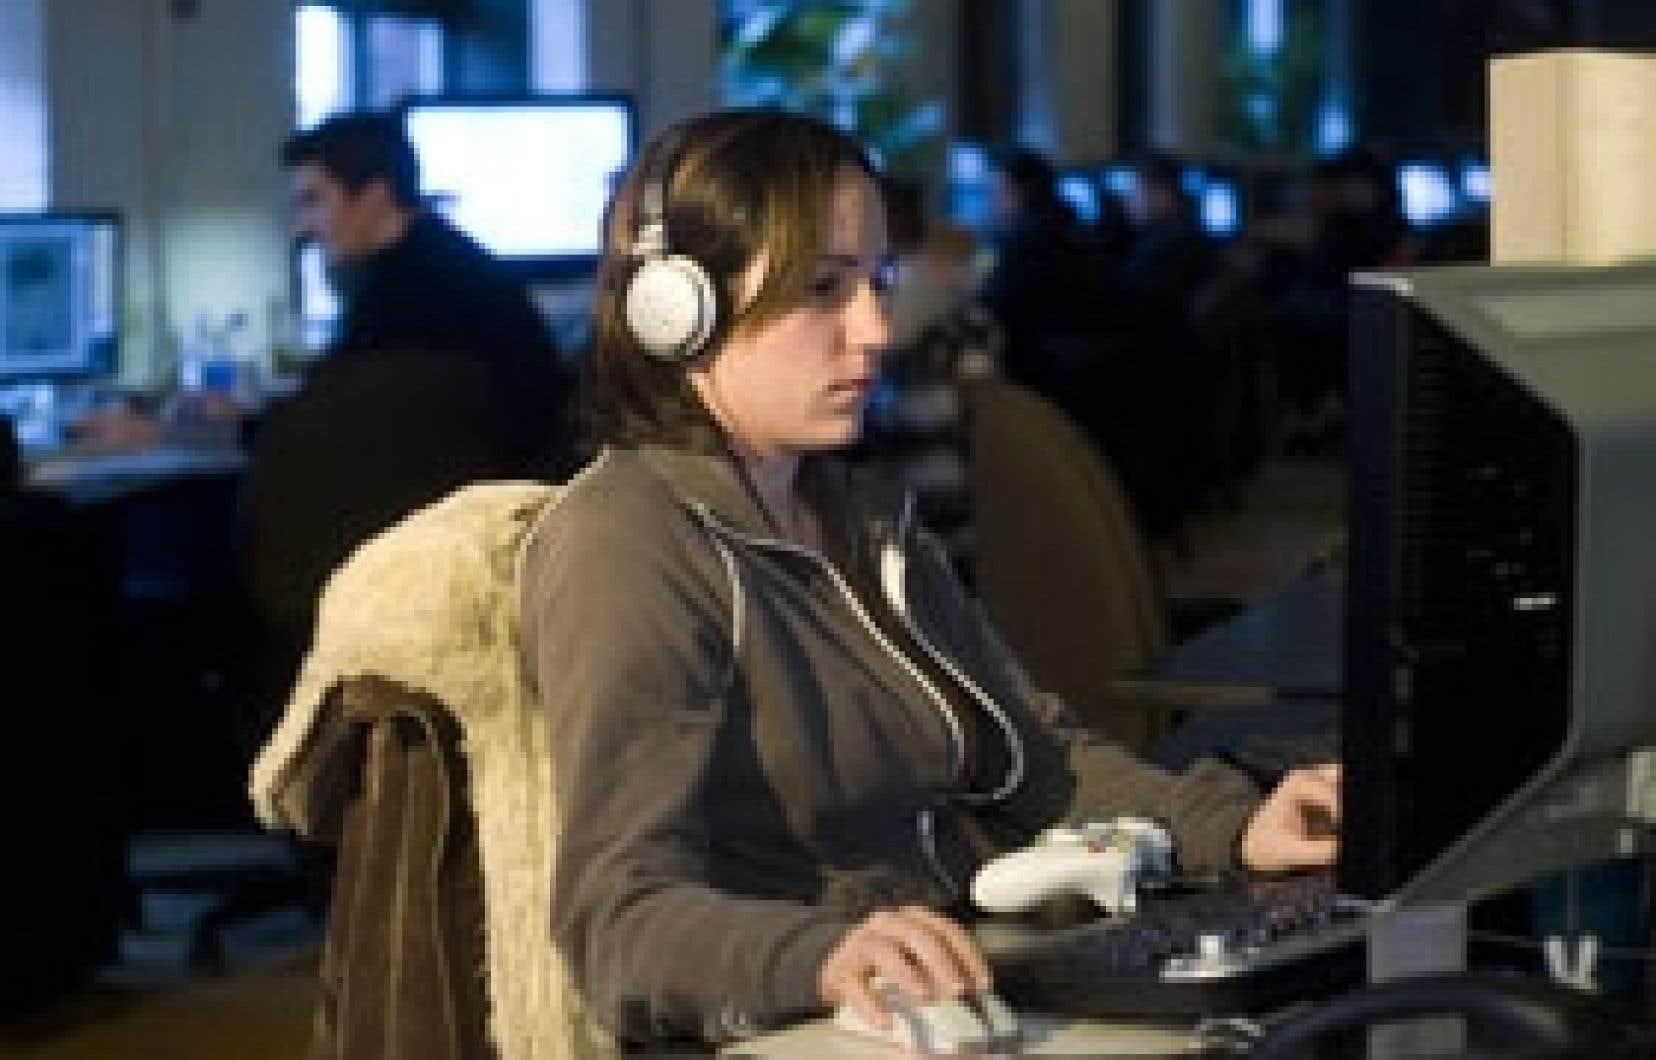 C'est à Montréal que l'on retrouve le plus grand nombre d'emplois reliés à l'industrie du jeu vidéo qui compterait plus de 5300 emplois directs au Québec, et 14 000 dans l'ensemble du Canada. Sur cette photo prise il y a un an, Valérie S